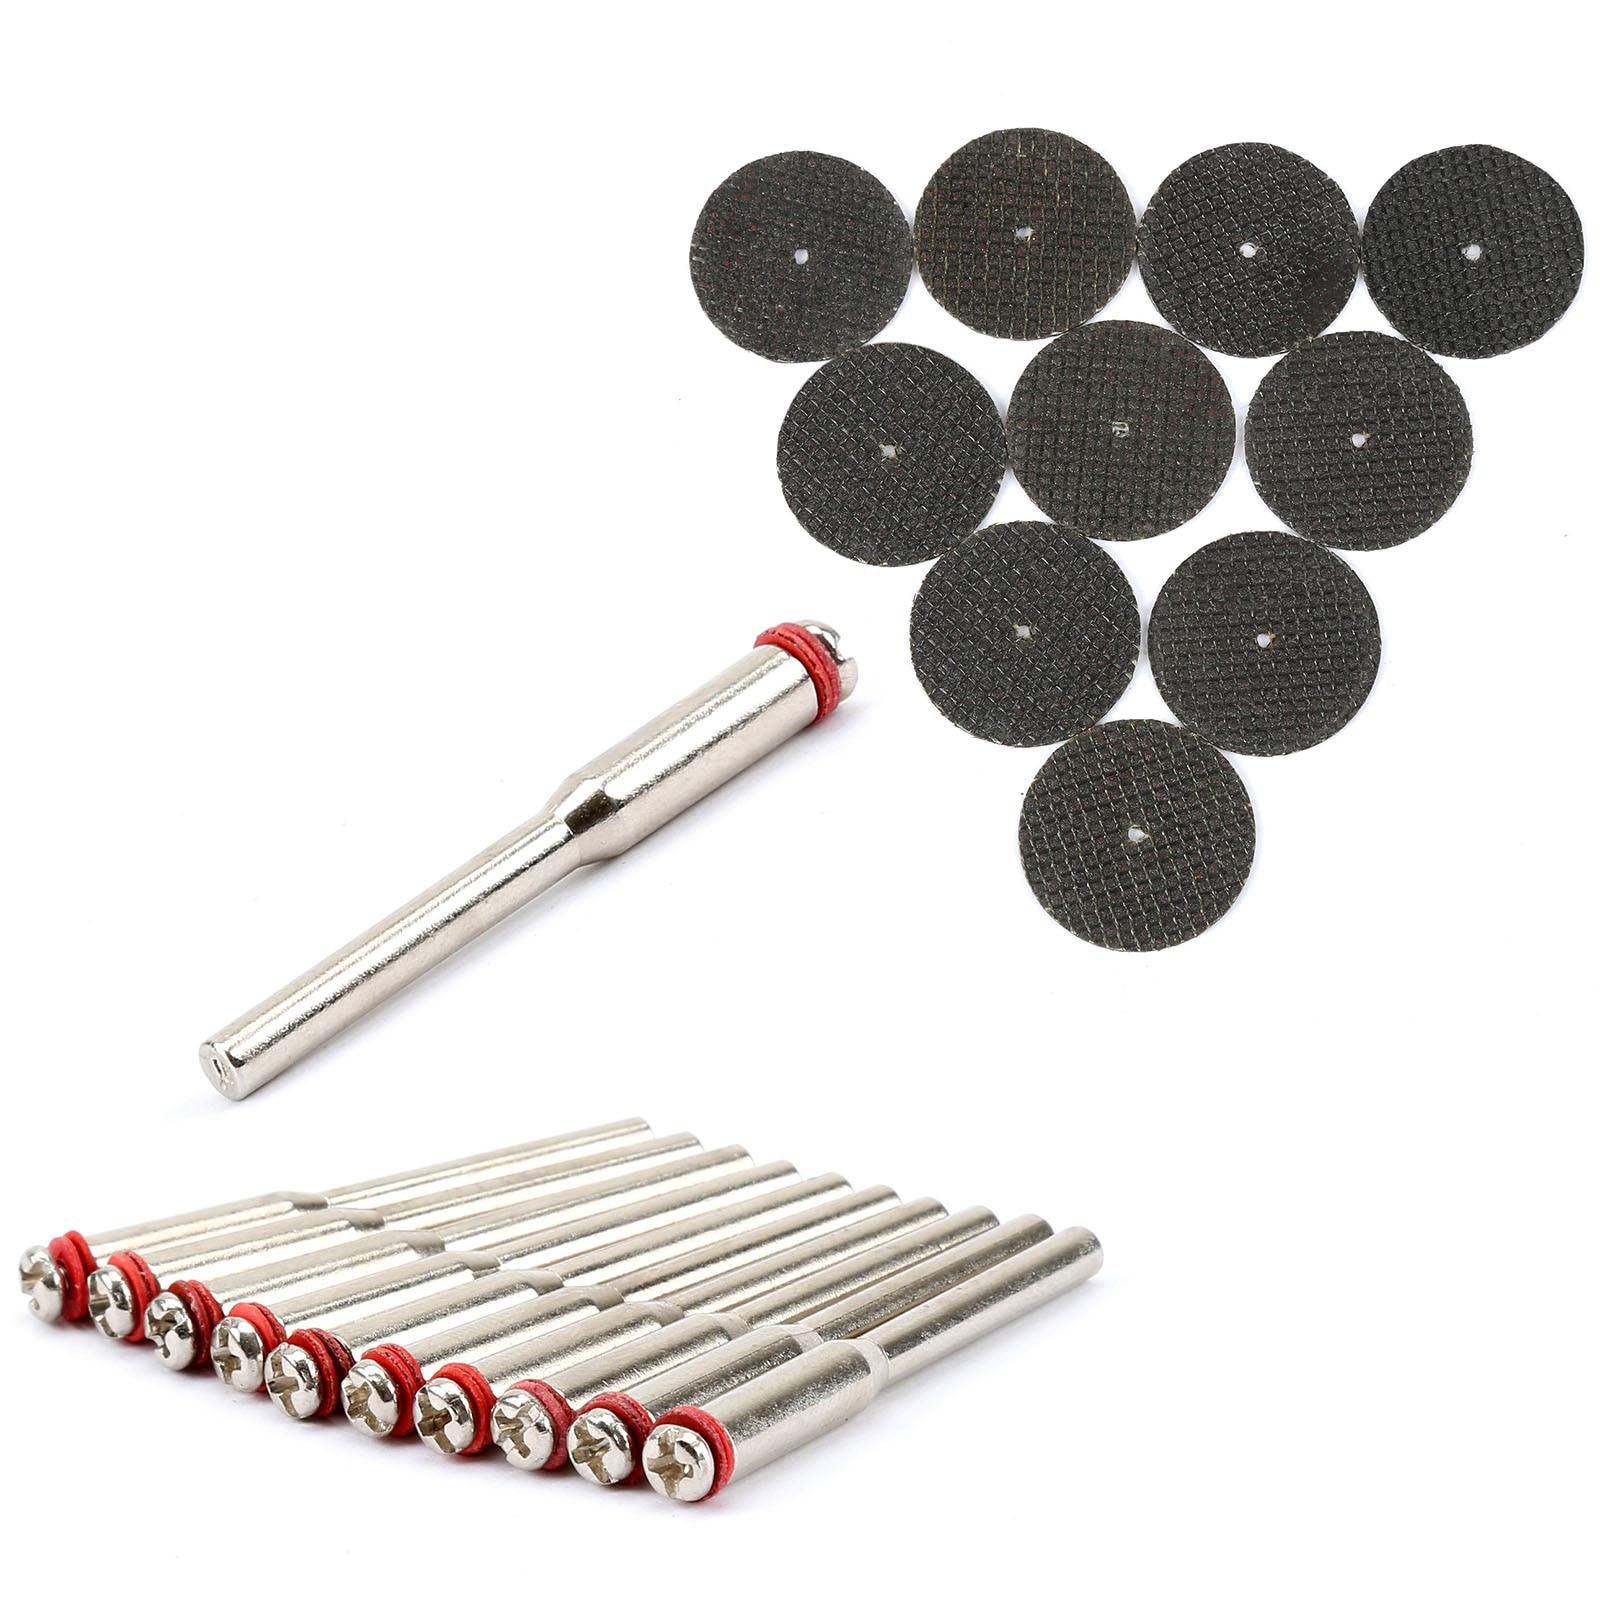 10Pcs 38mm Resin Fibre Cutting Disc Cut Off Wheel Discs +10Pcs 3.175mm Mandrels Wheel Holder For Rotary Tool Dremel Accessories